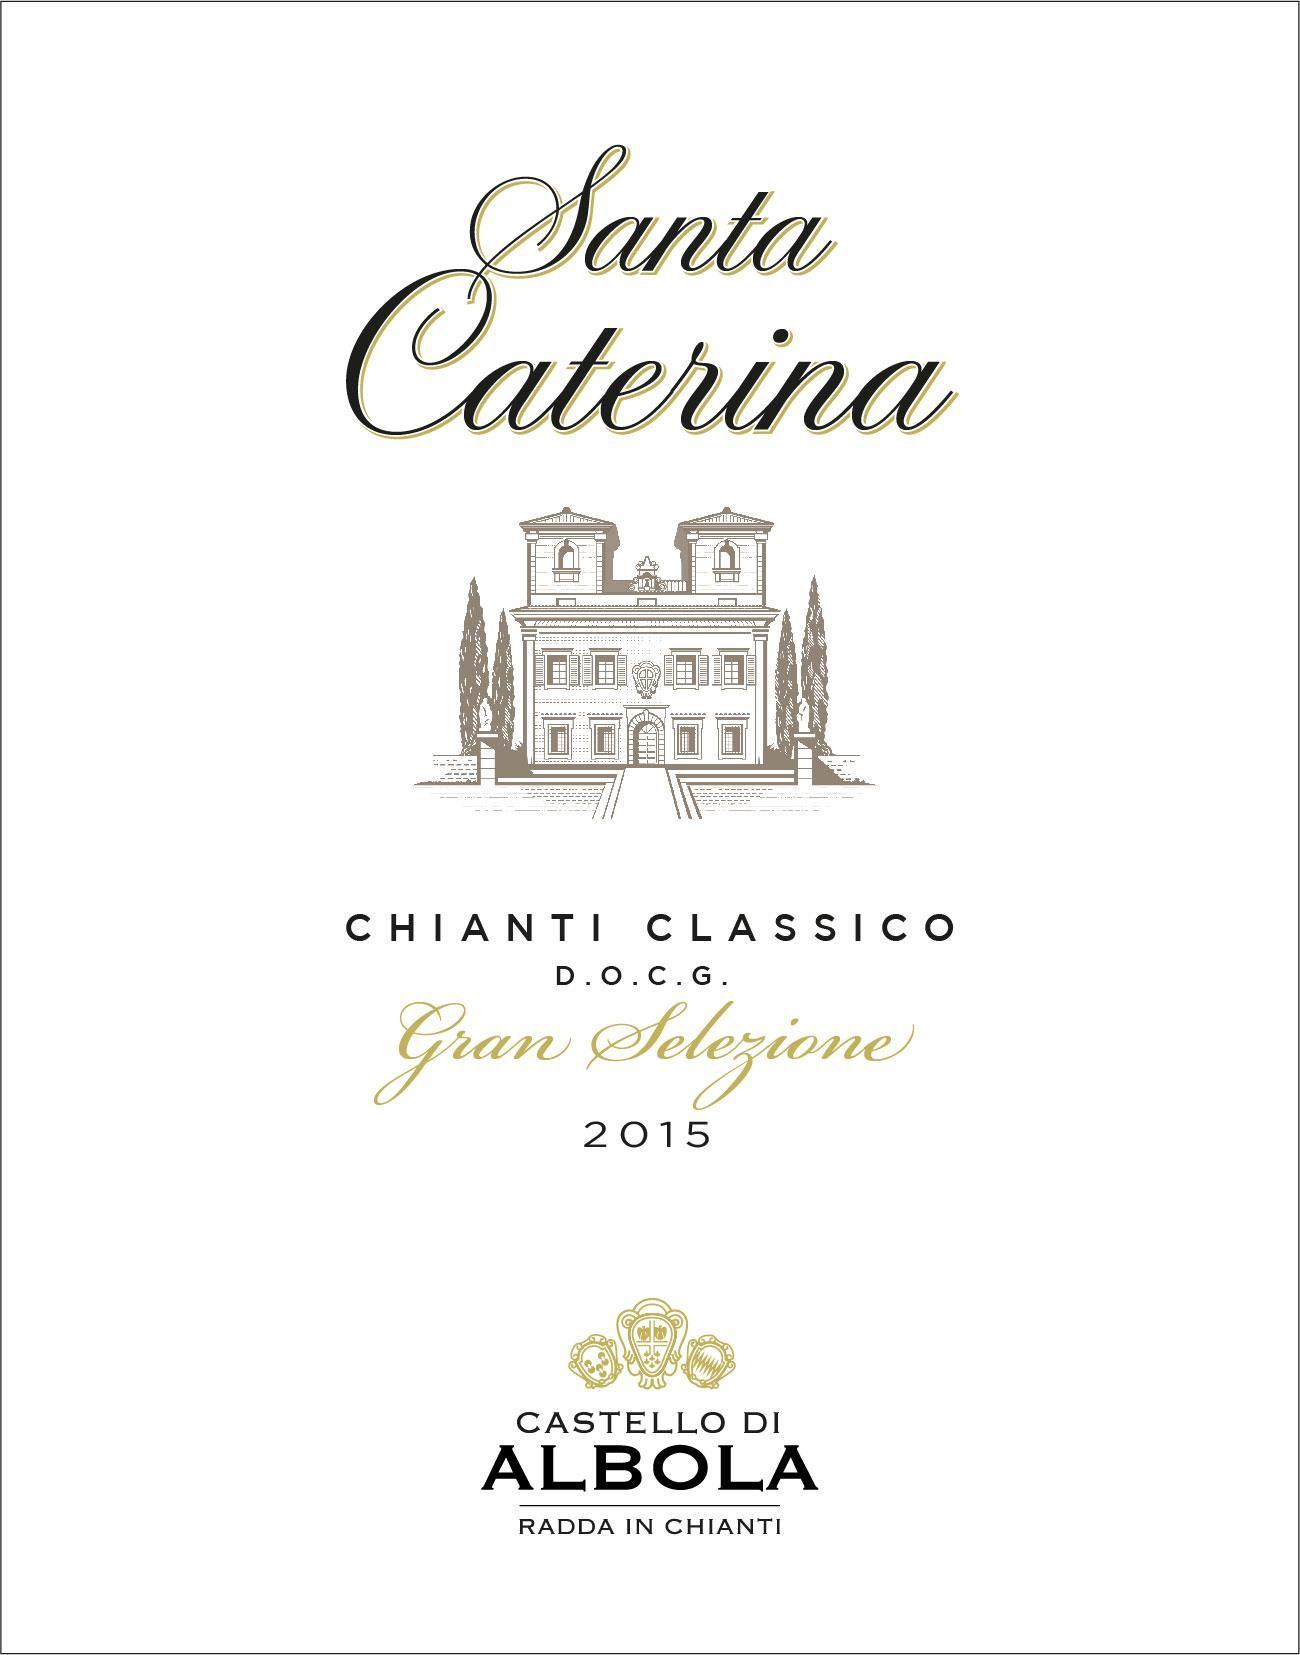 Castello di Albola Santa Caterina Chianti Classico Gran Selezione 2015